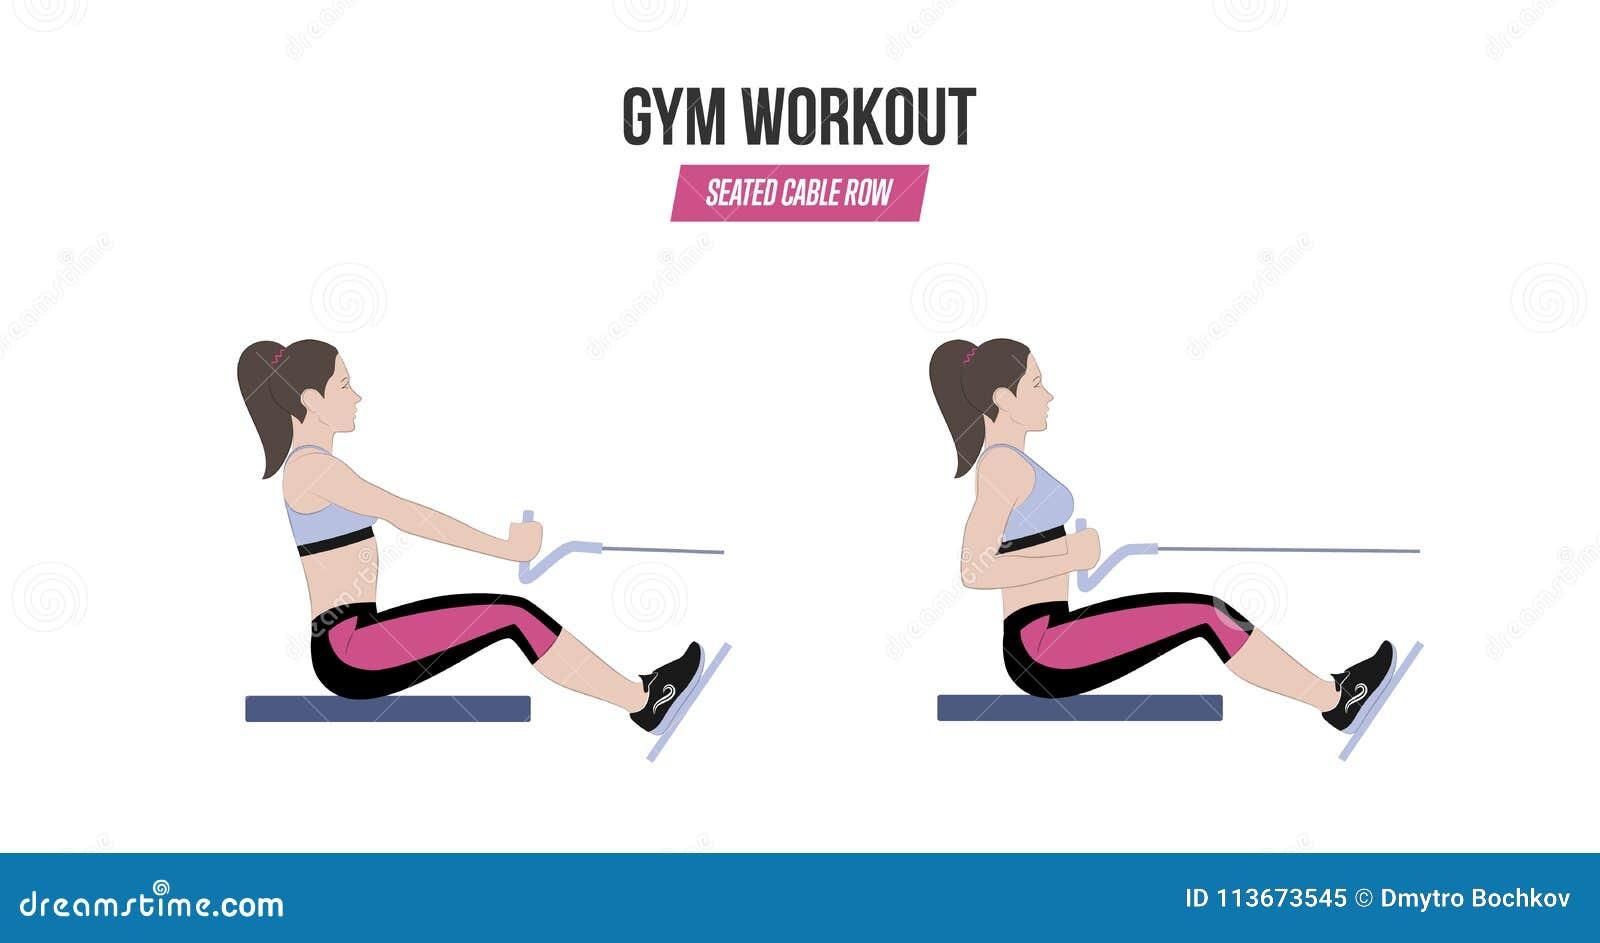 Sitzkabelreihe Athletische Übungen Übungen in einer Turnhalle workout Illustration eines aktiven Lebensstil Vektors